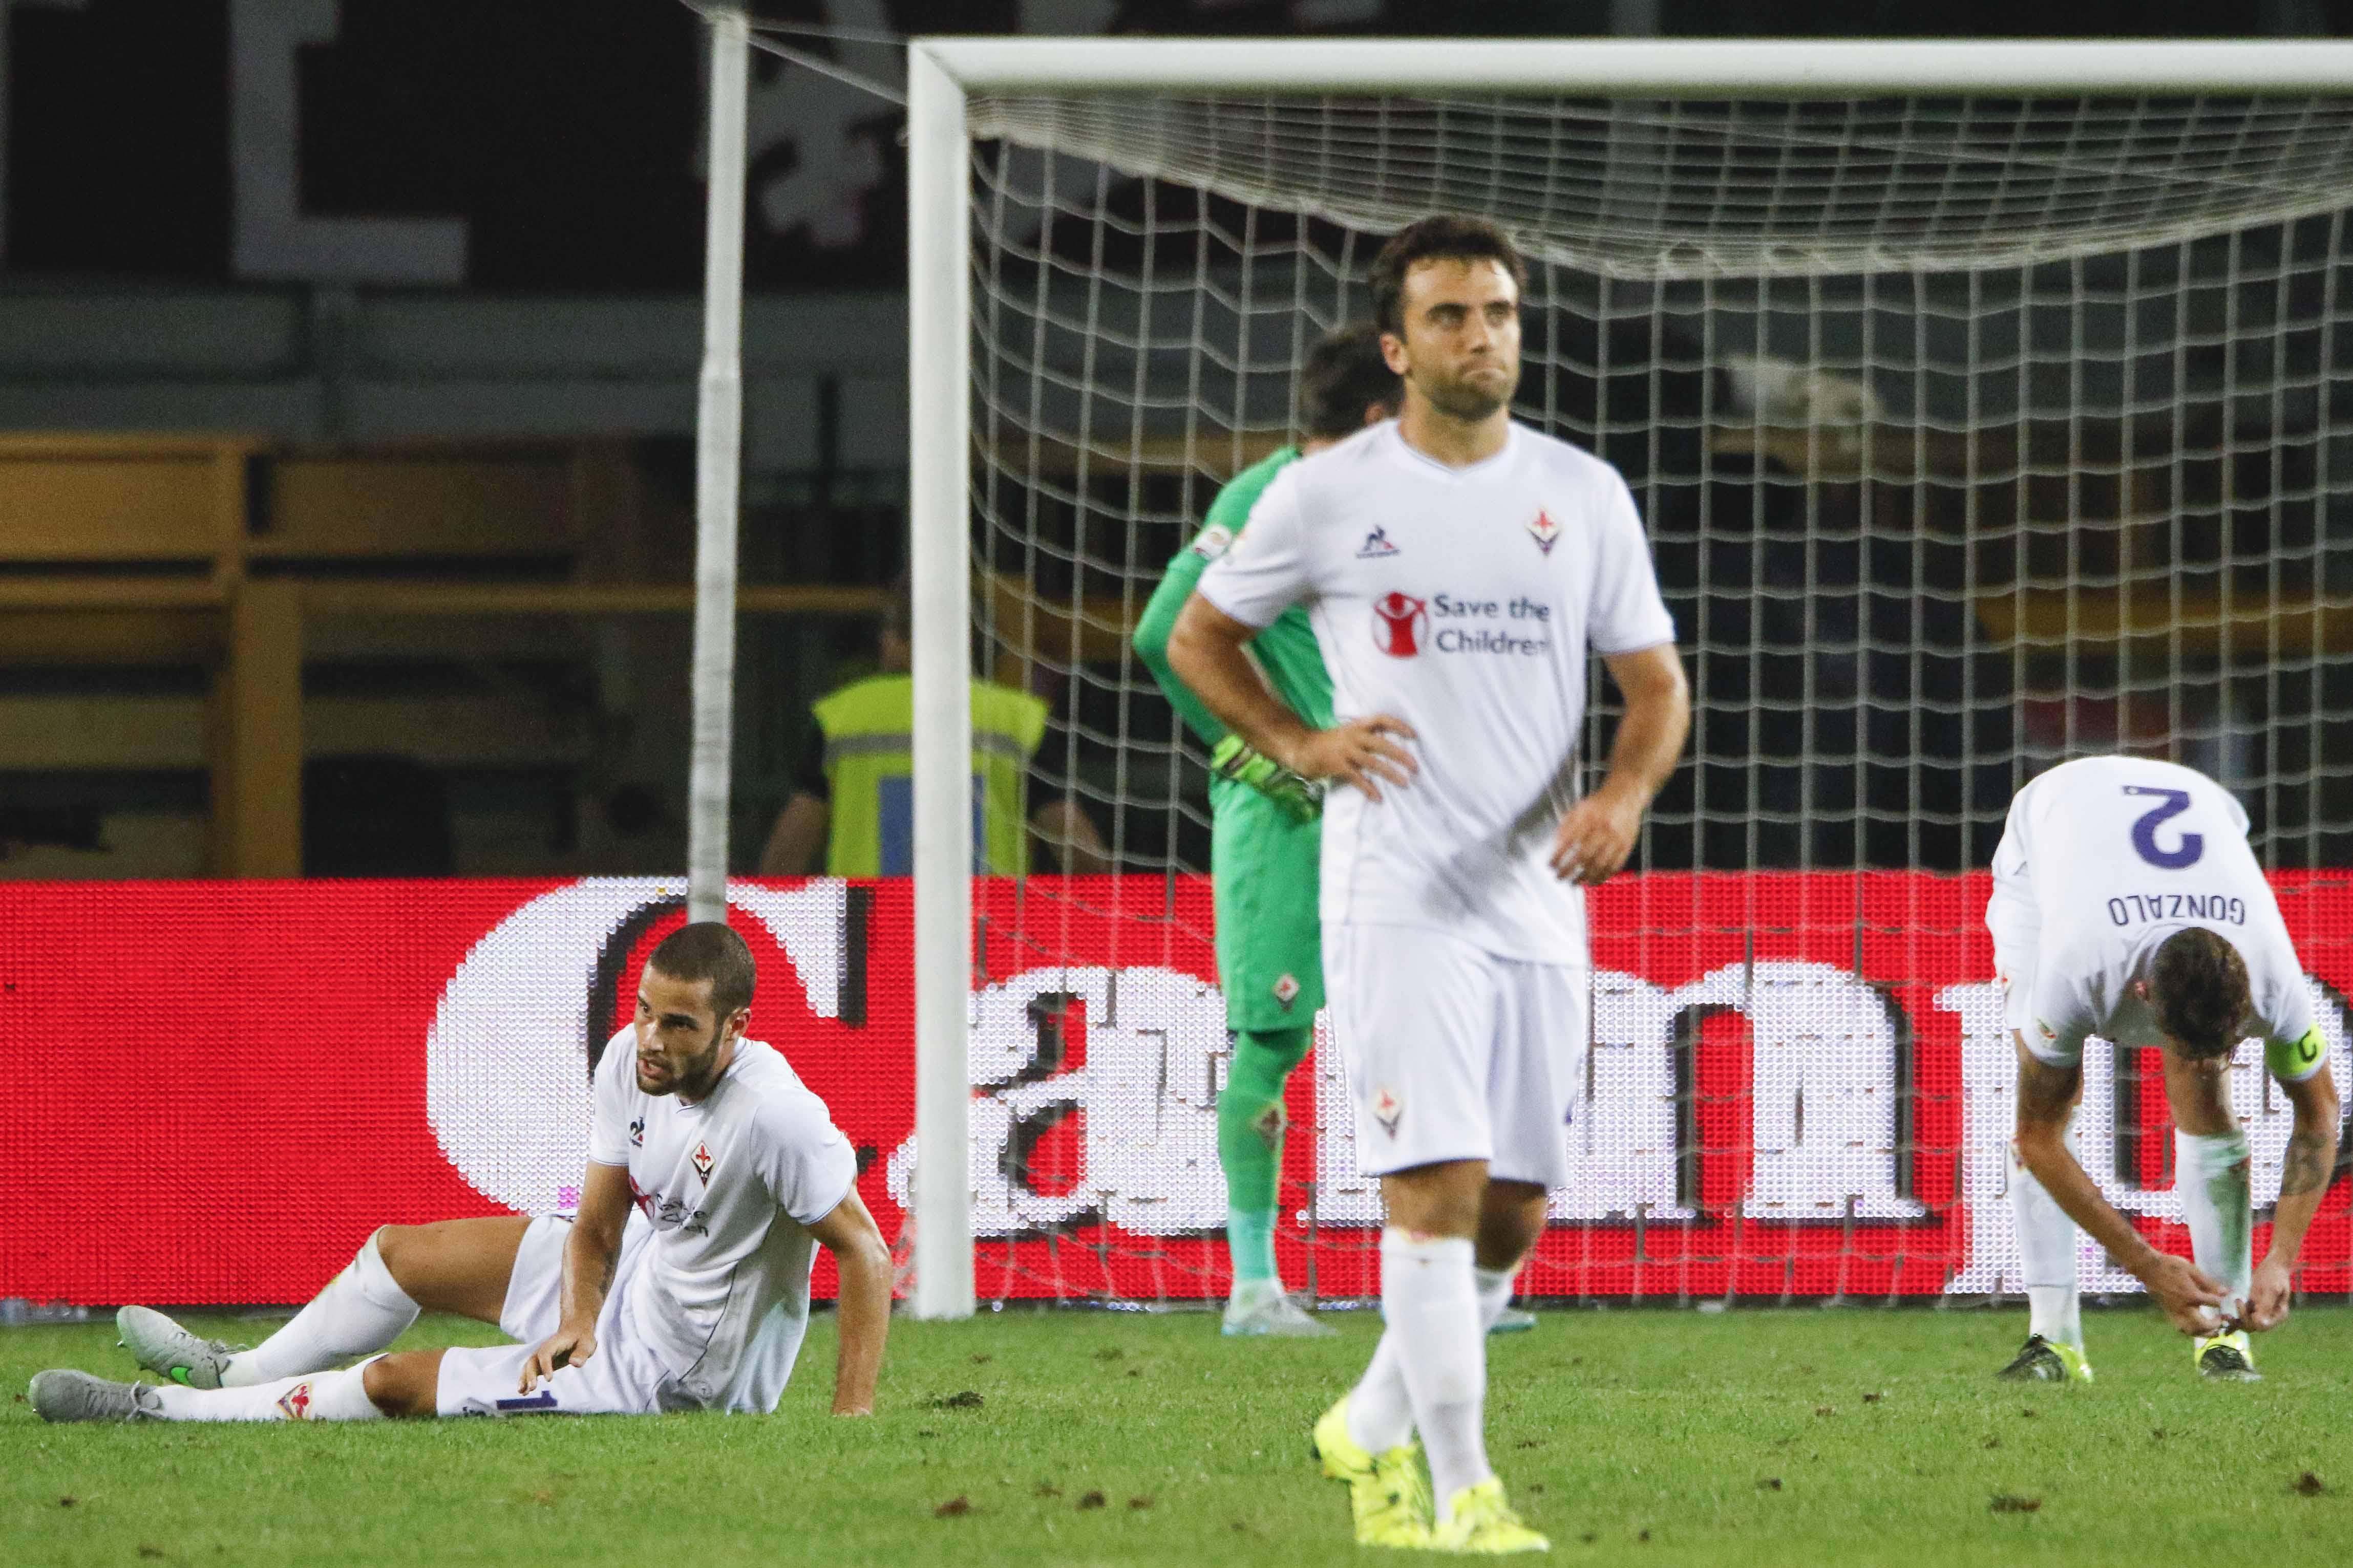 Rossi ieri in campo nella debacle della Fiorentina a Torino.